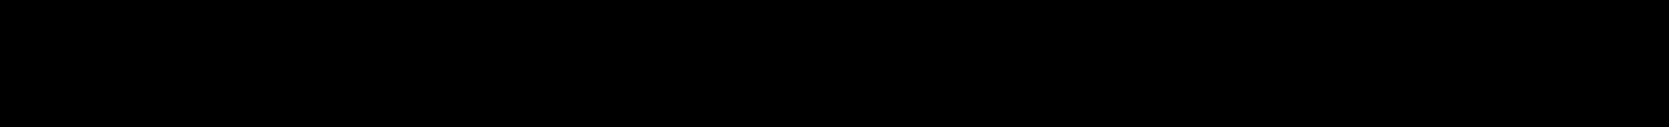 画像:ぶらり中国ドライブパス2019のロゴ